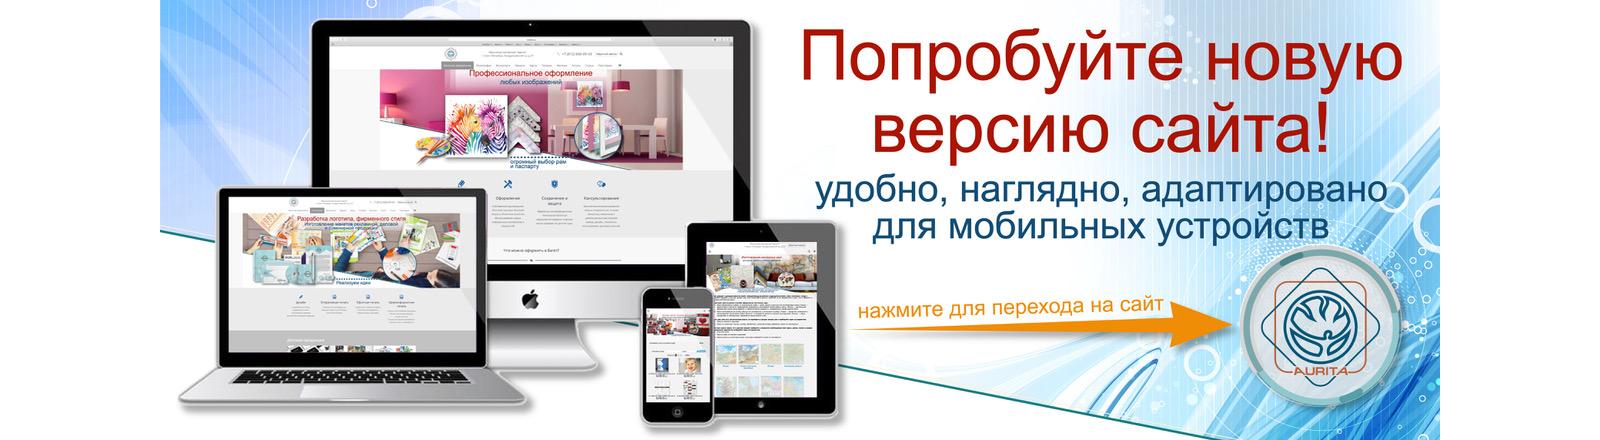 Фотоколлаж на холсте, портрет с фотографии, карта Санкт-Петербурга, оформленые вышивки